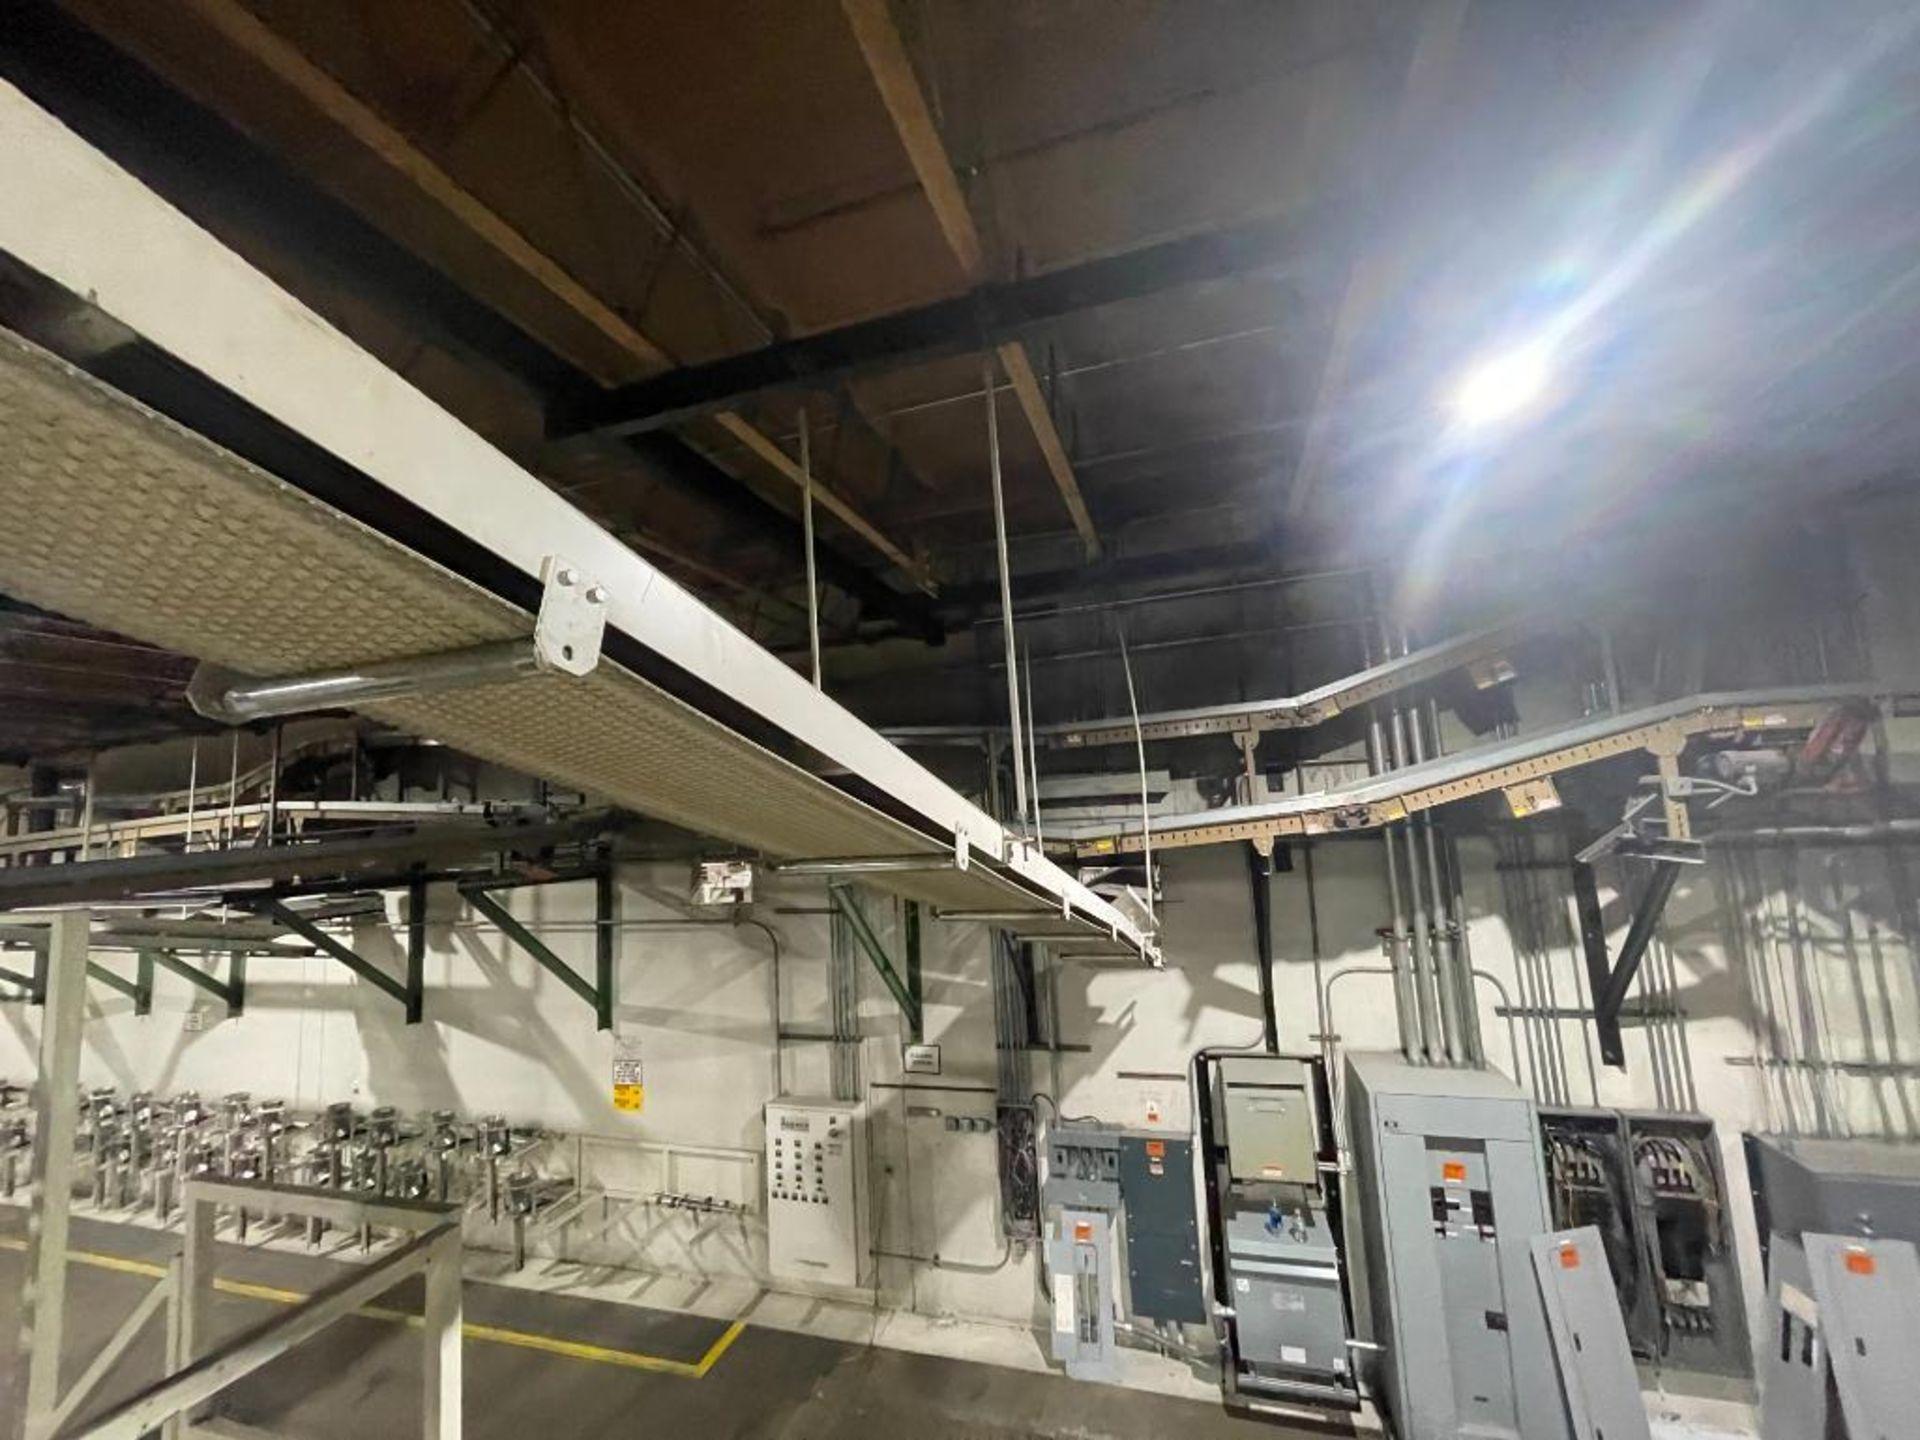 mild steel overhead belt conveyor - Image 11 of 12